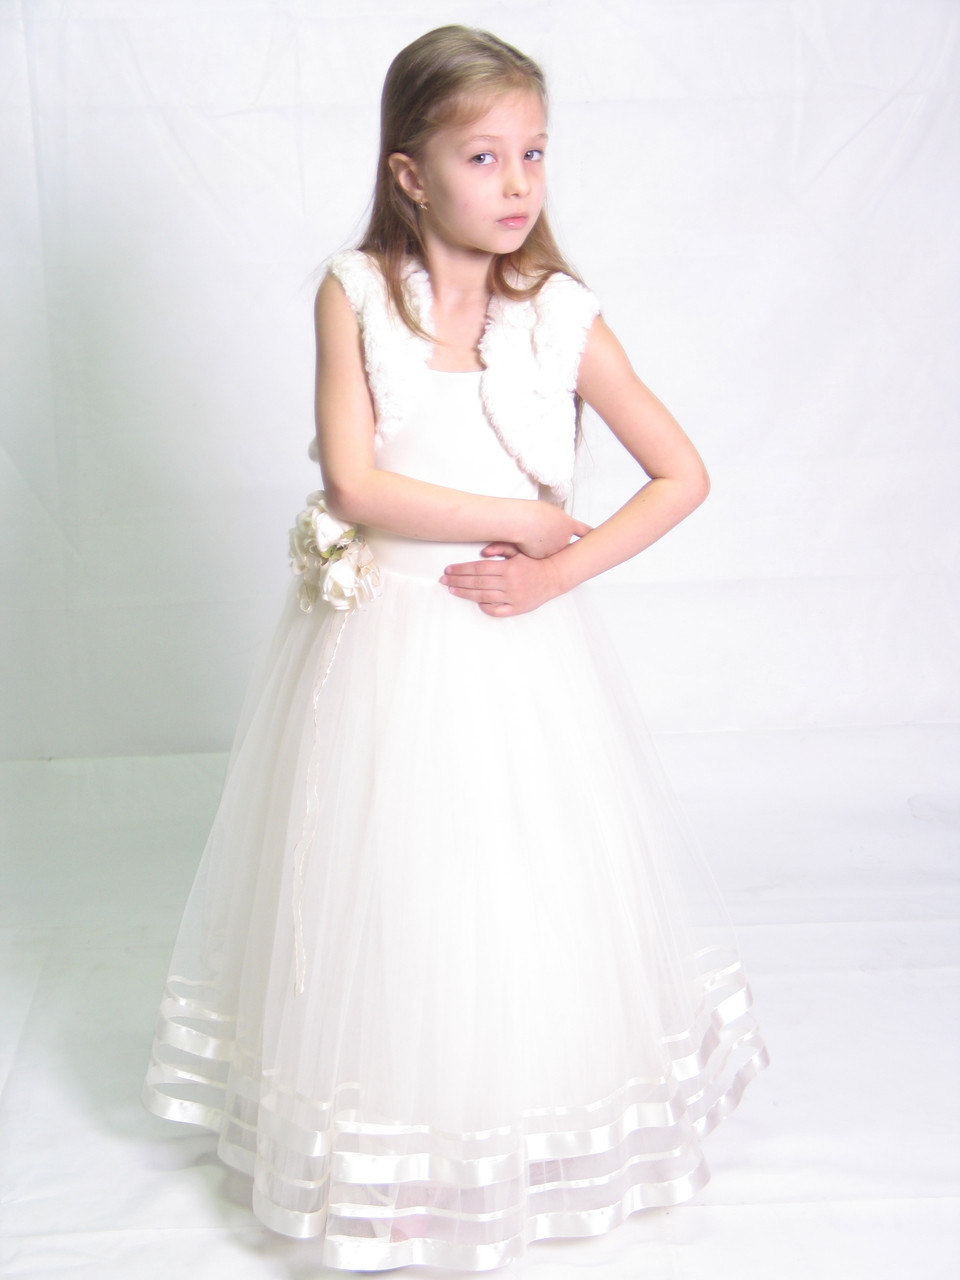 Купить Нарядные Платья Для Девочек 2 Года